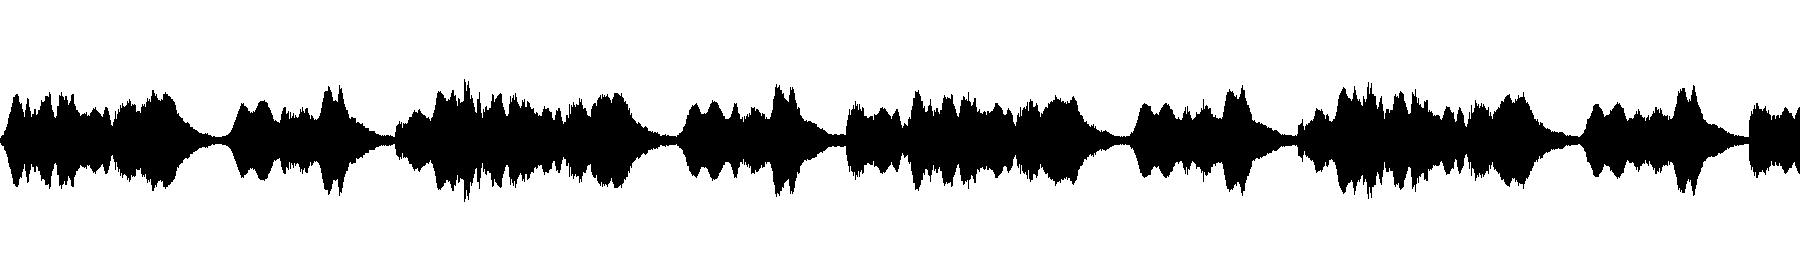 davibe tape flute   170bpm   gmin